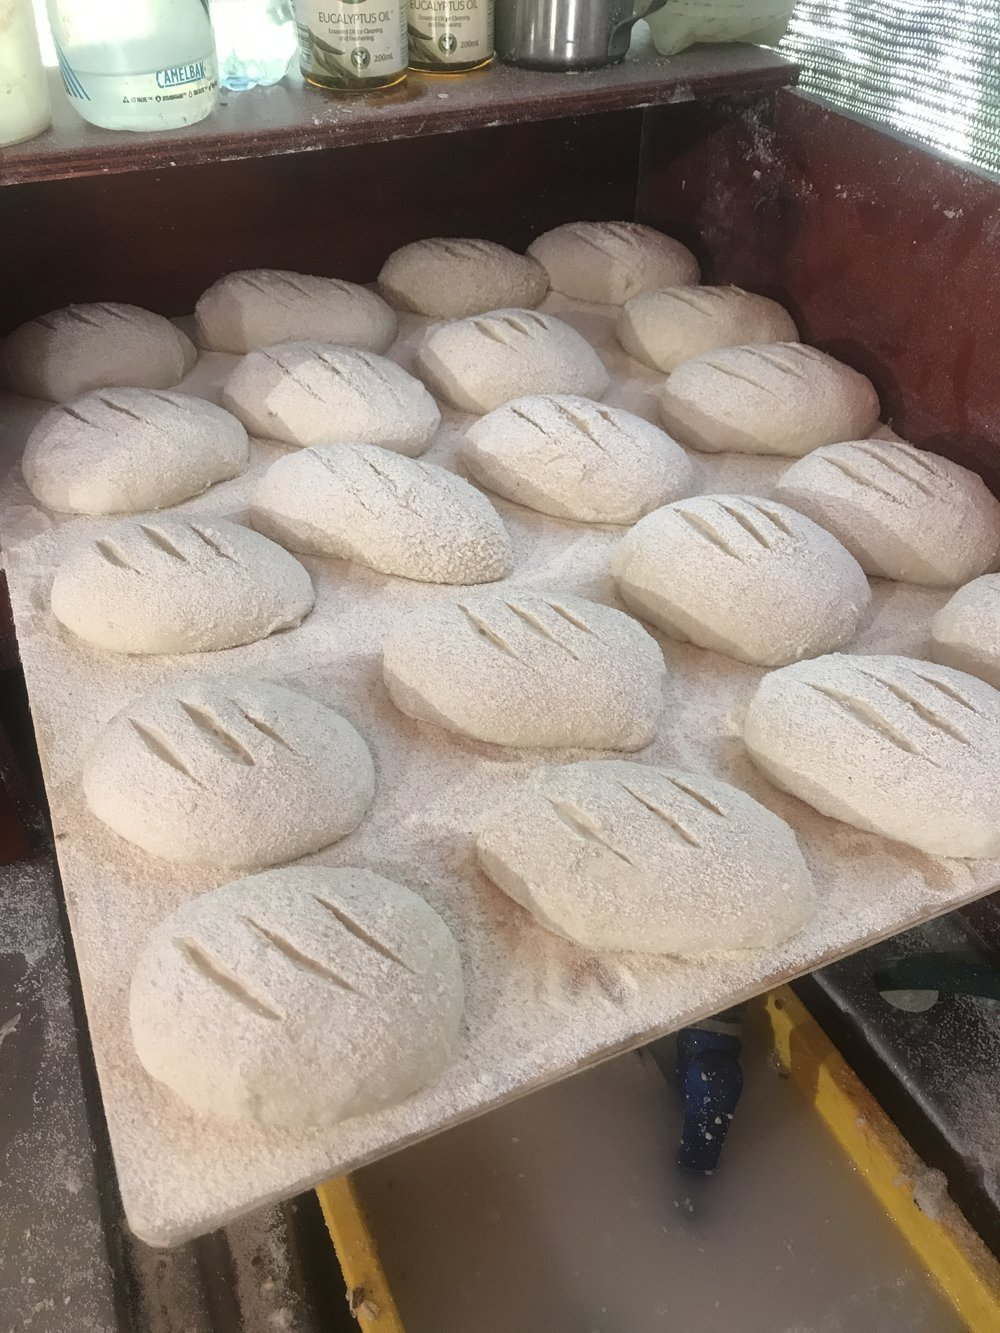 Dough is an excellent insulator!